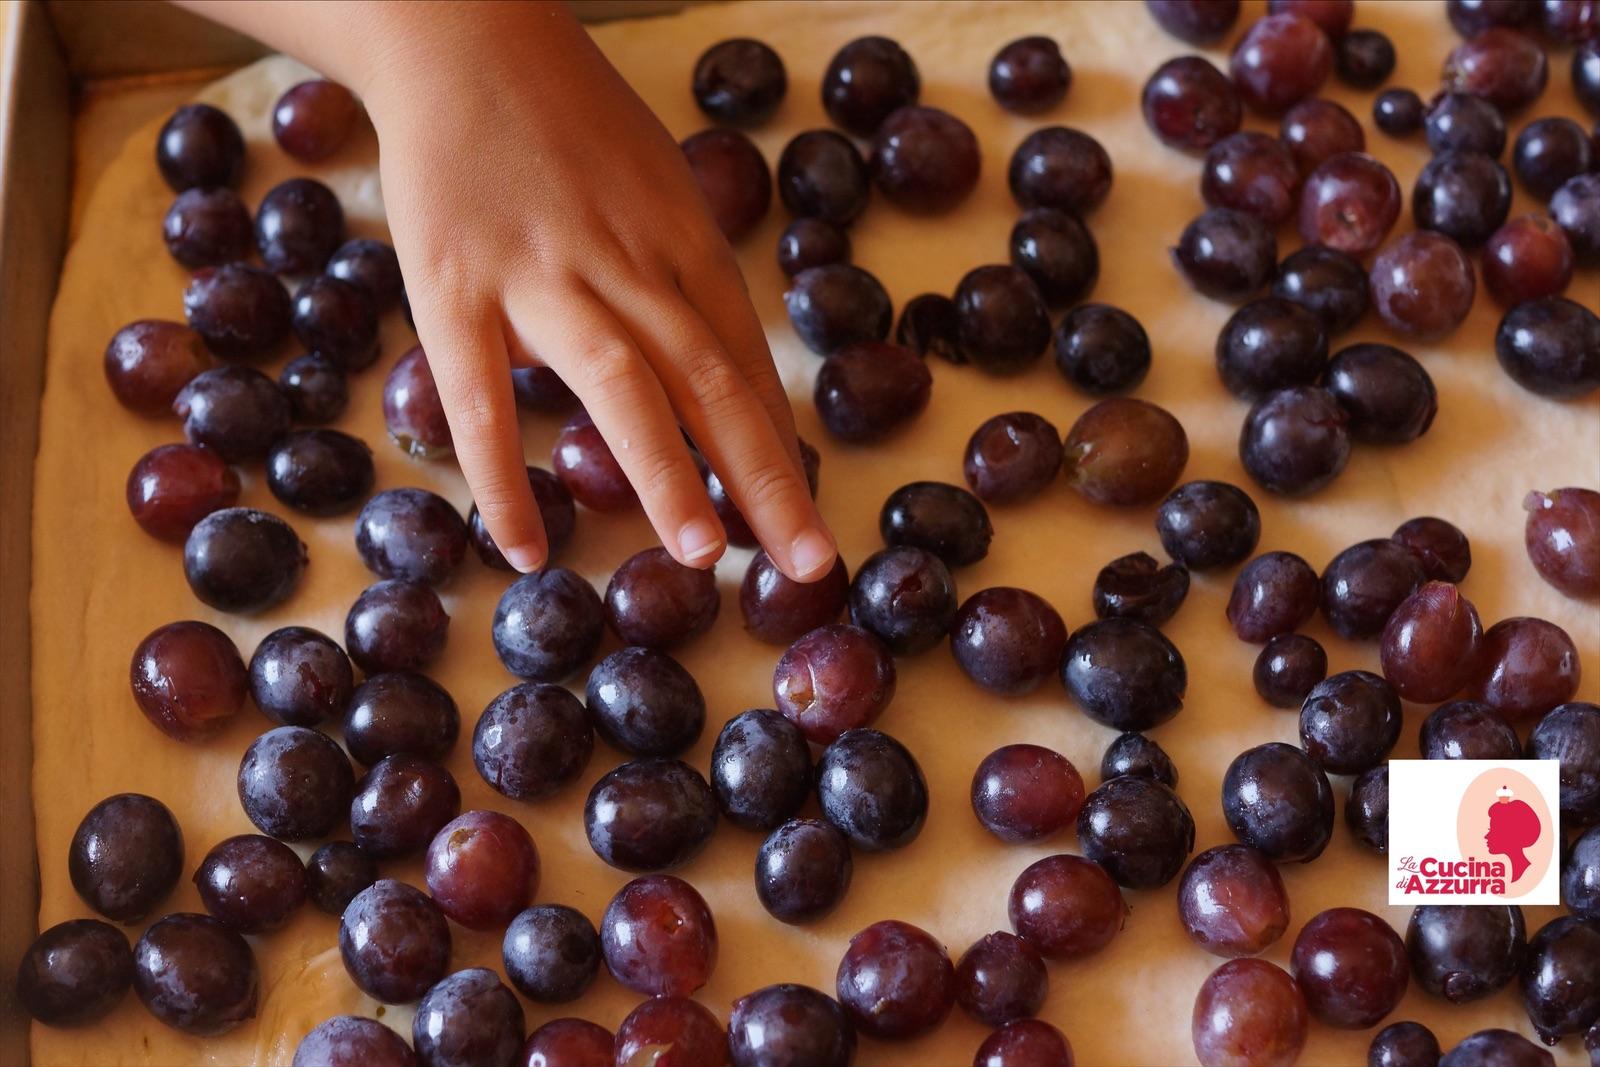 pan con l'uva - schiacciata con l'uva